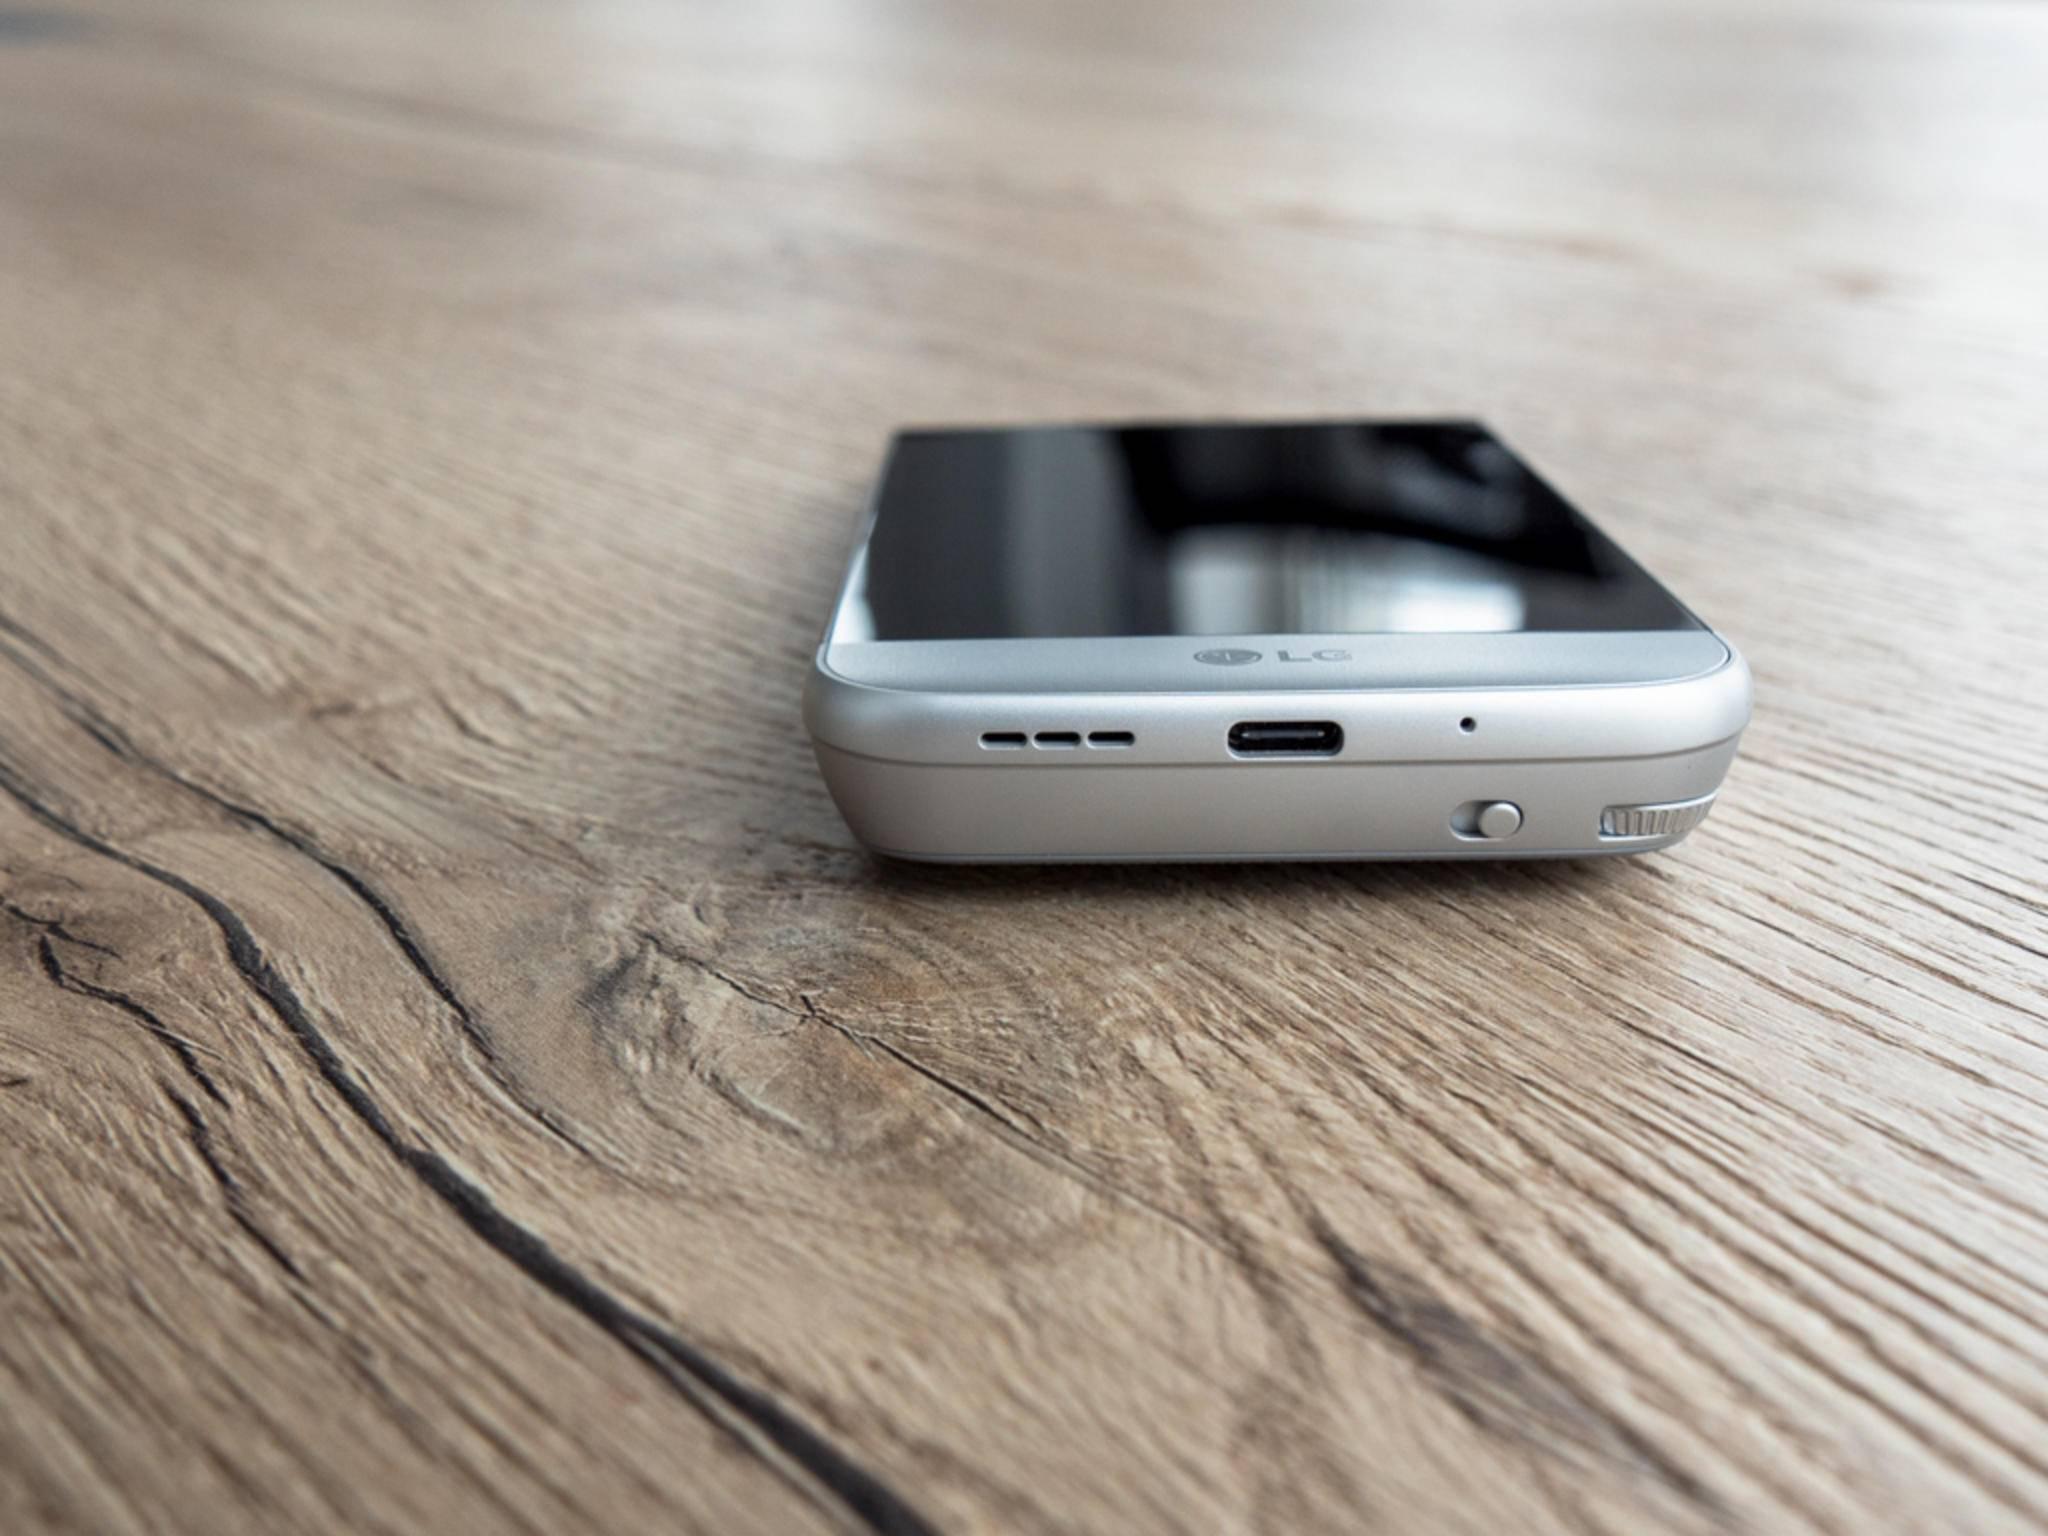 Das schicke Smartphone erhält einen ziemlich auffälligen Buckel.